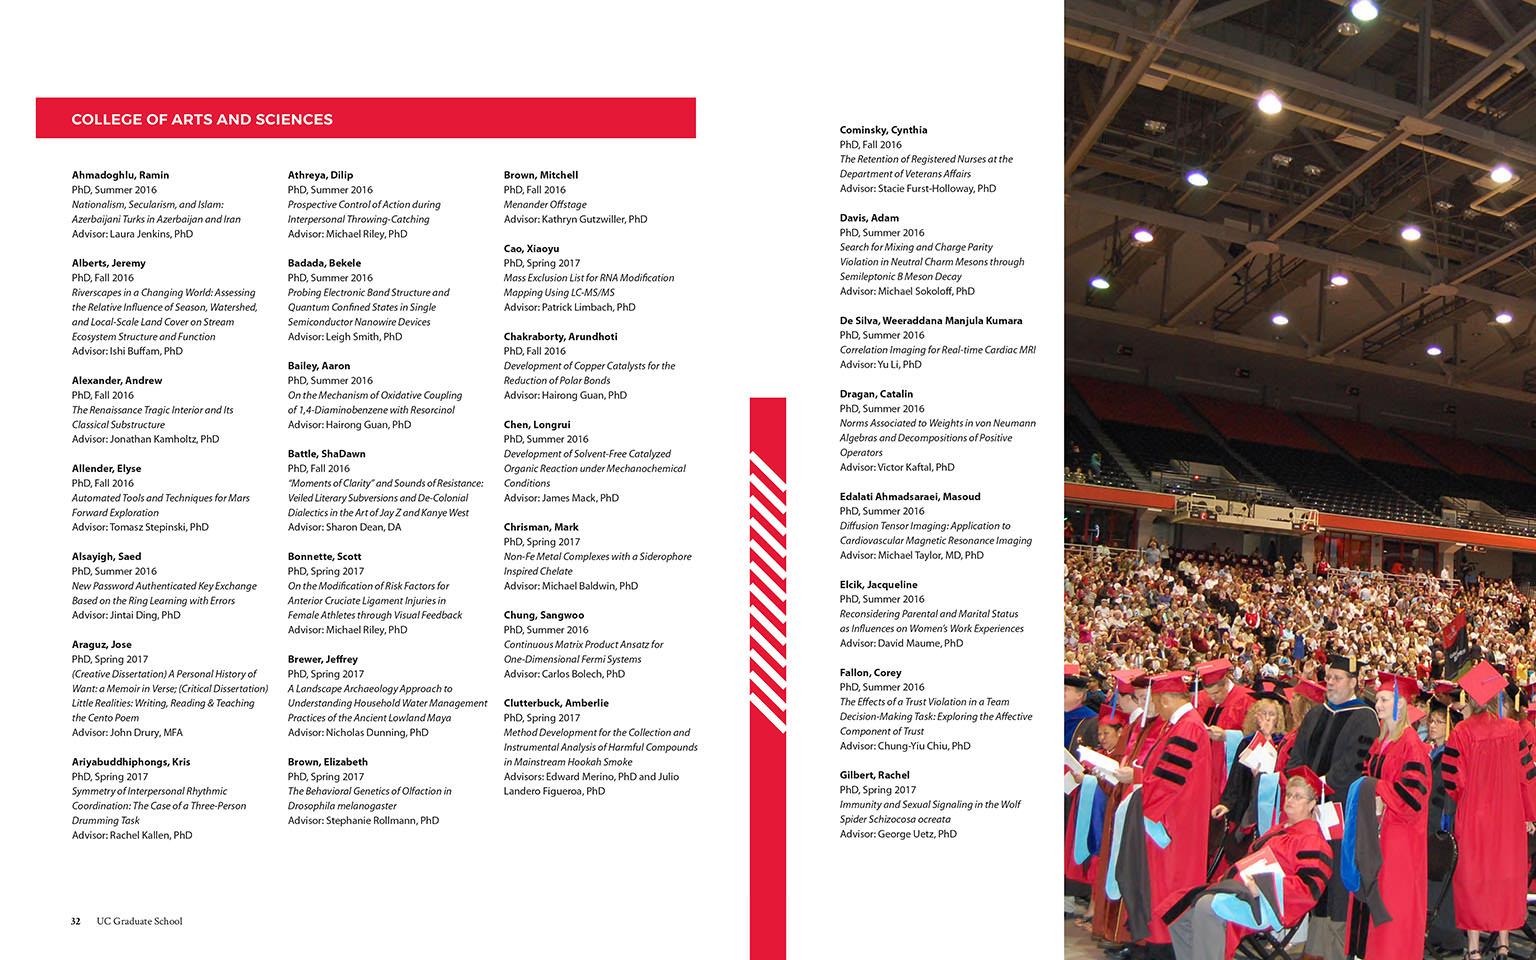 annual report, the graduate school, university of cincinnati